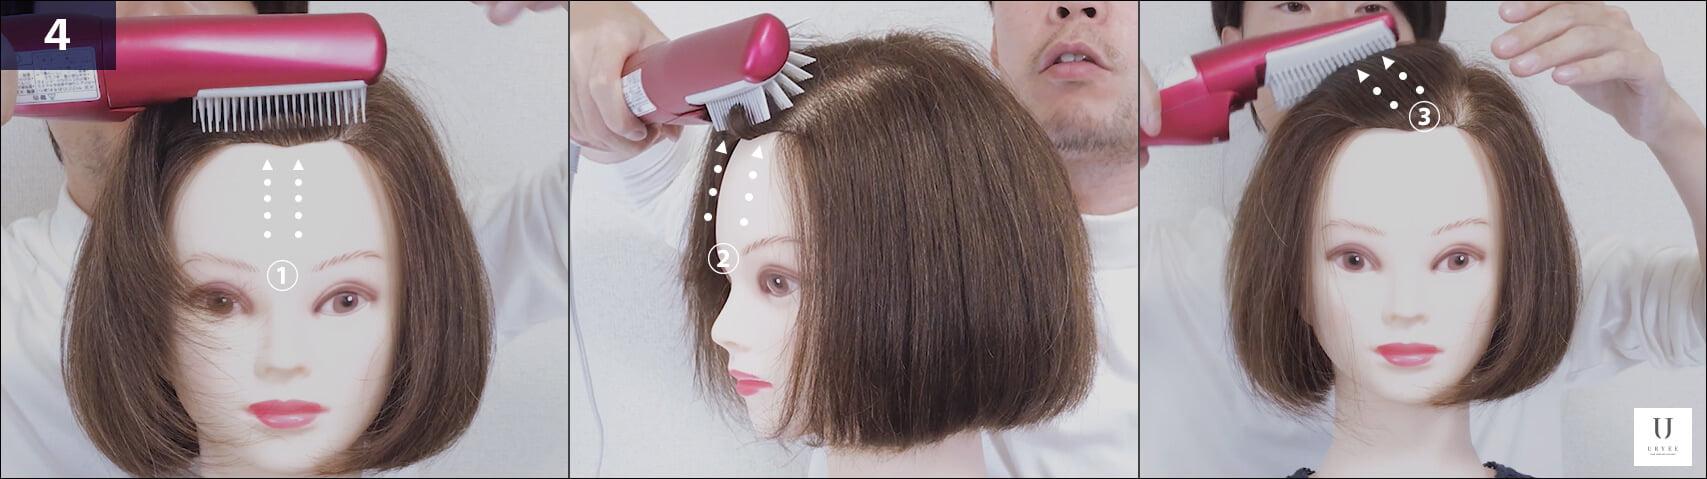 くるくるドライヤー 前髪の根本を立ち上げる方法